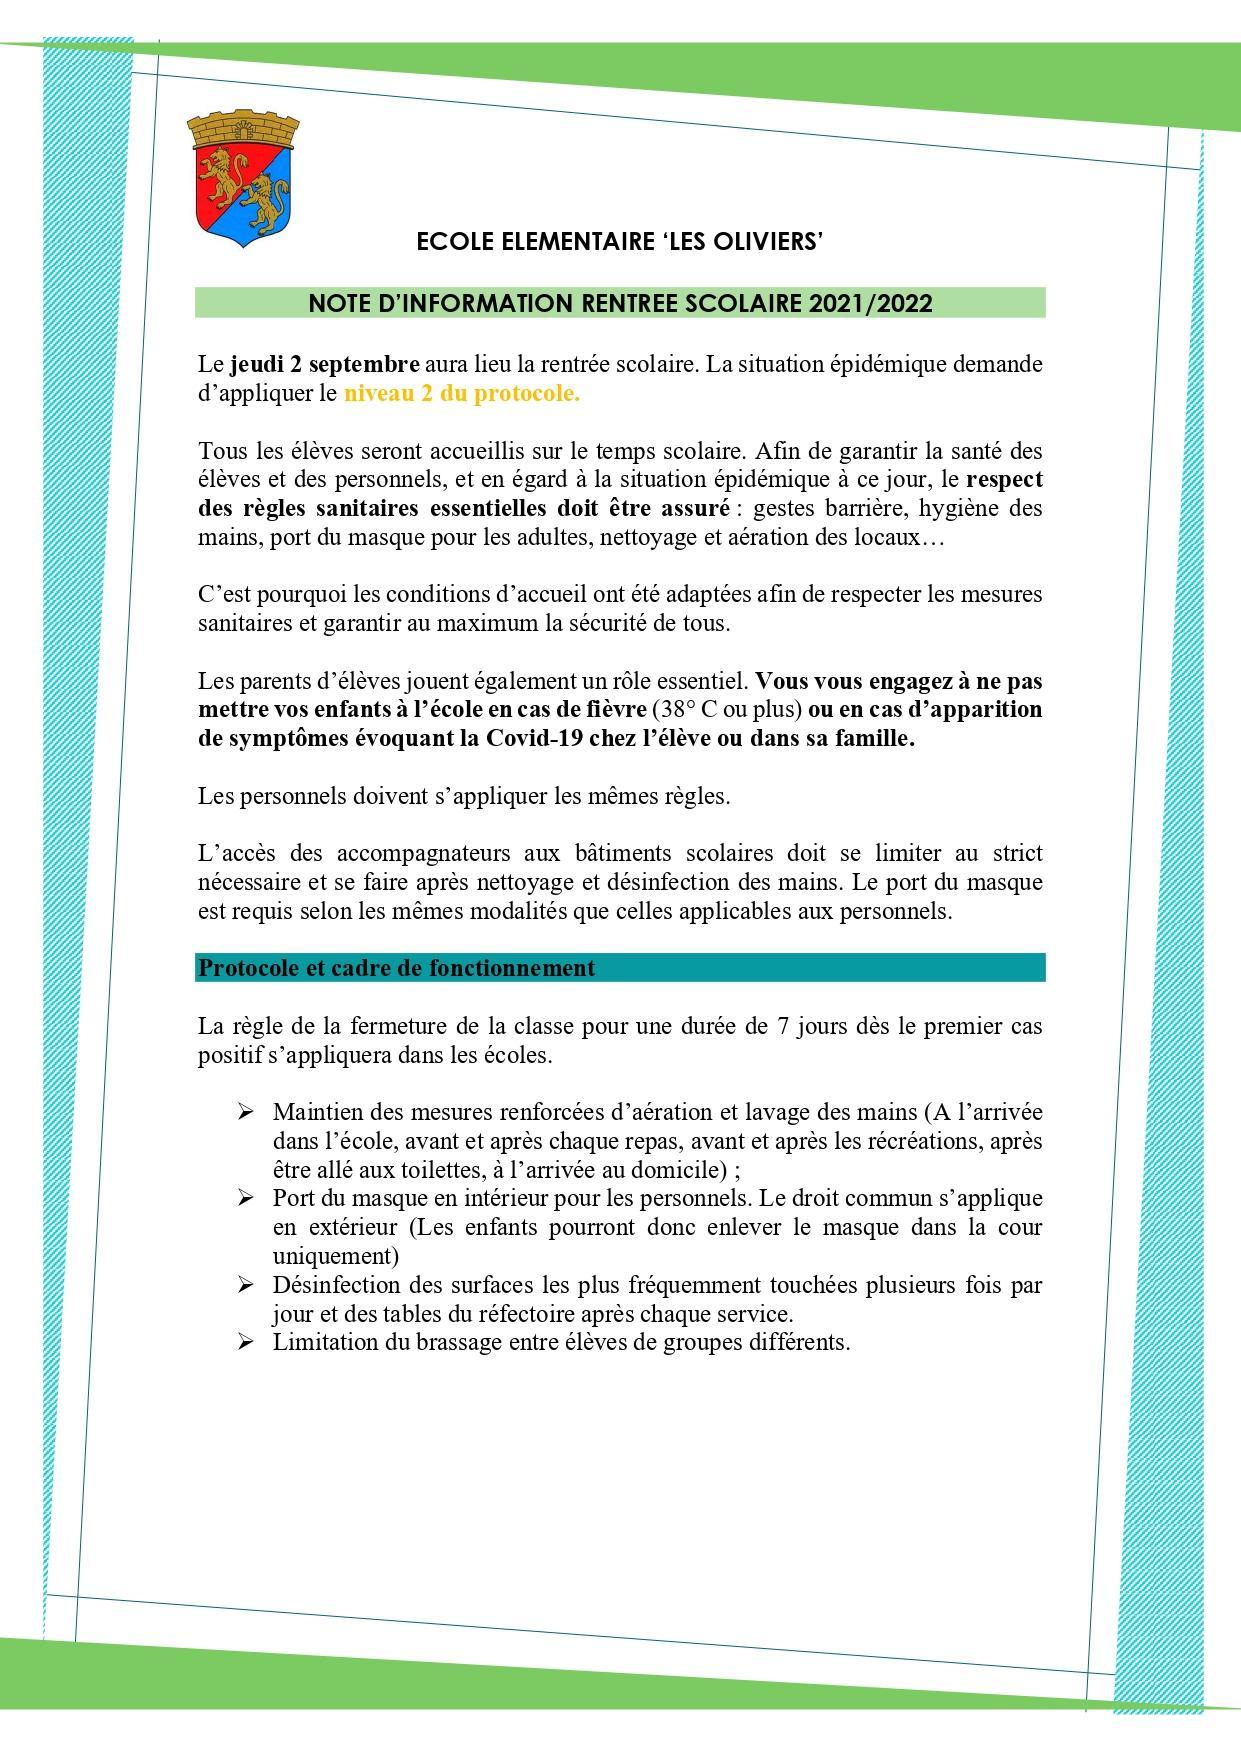 Note information aux parents elementaire page 0001